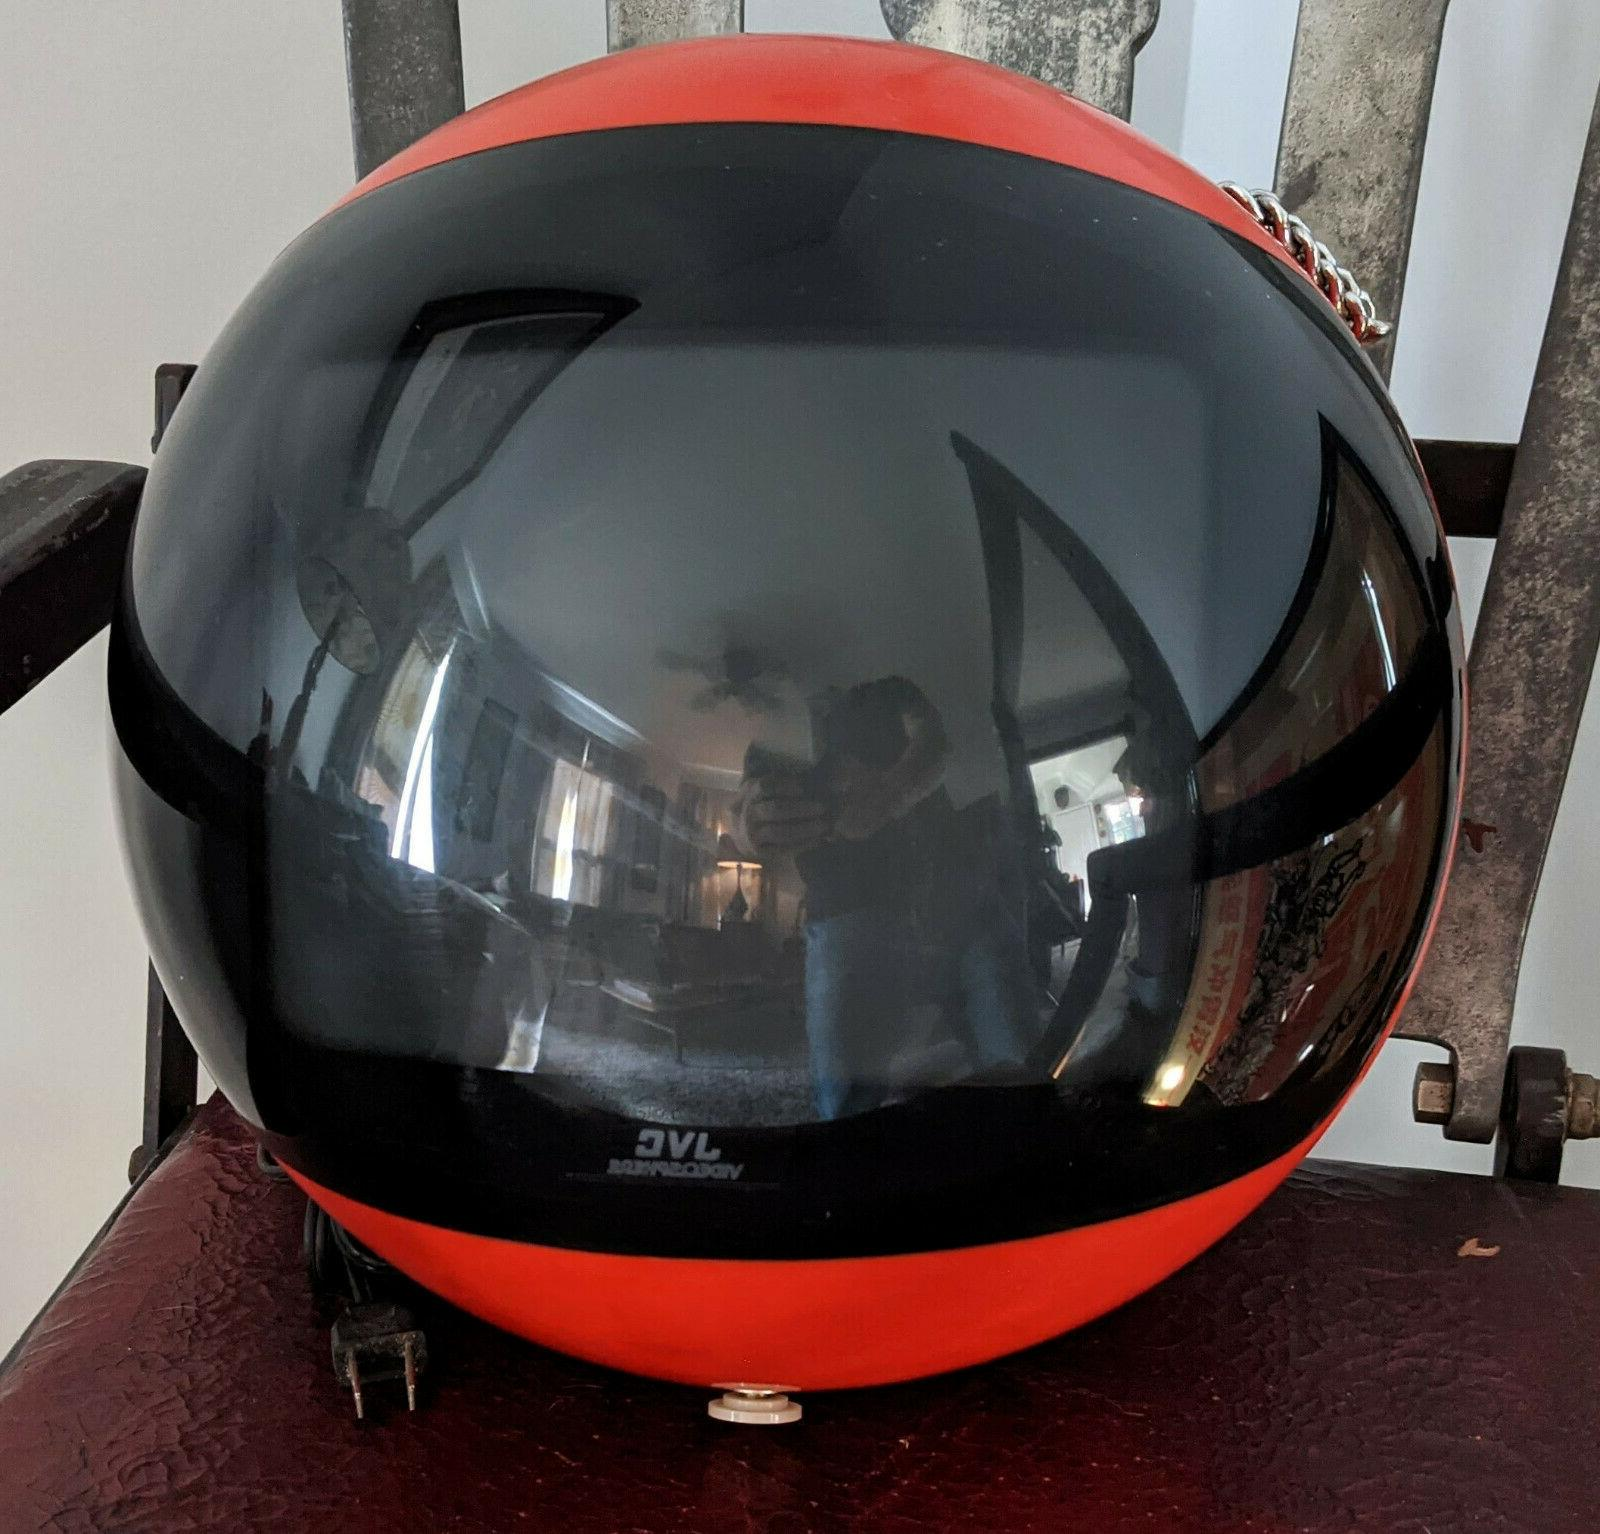 vintage videosphere space age helmet crt television